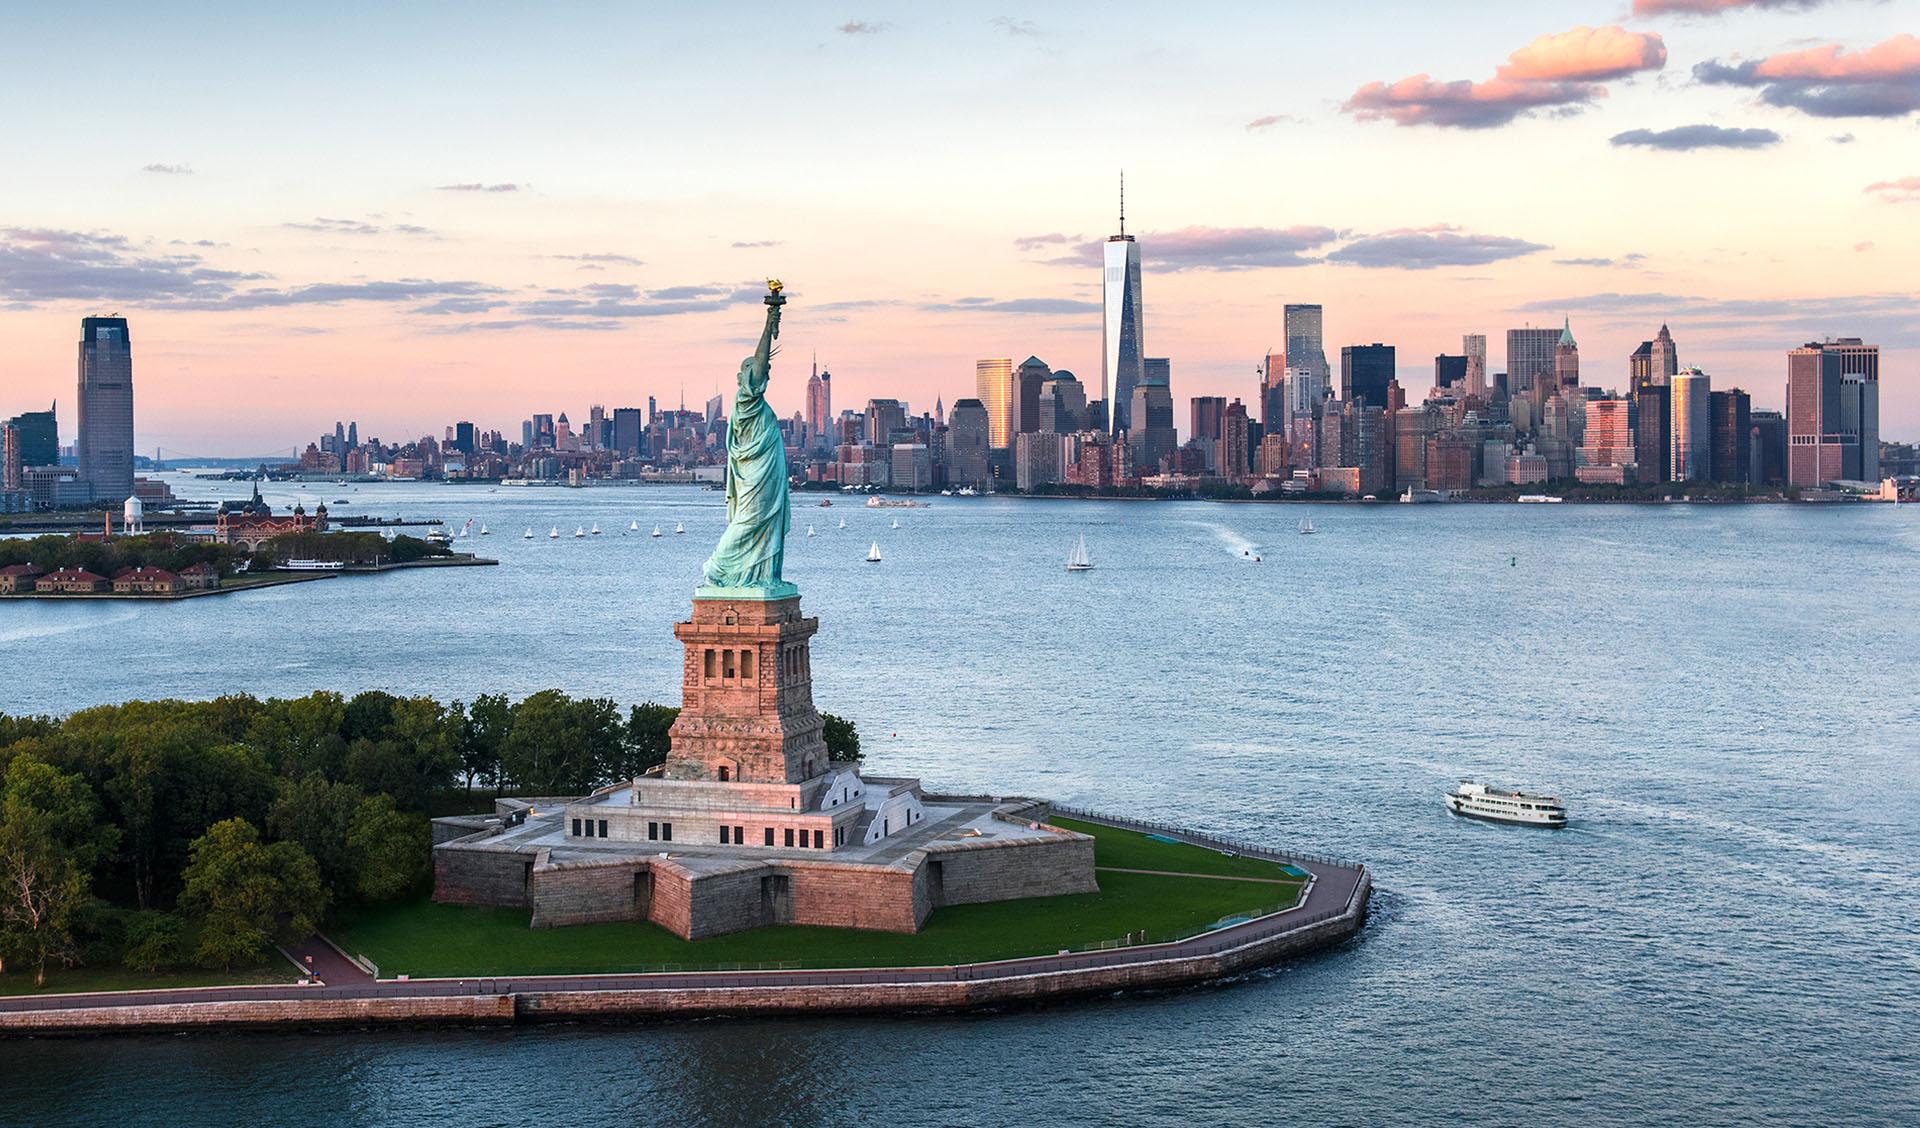 Que faire à New York : lieux touristiques à voir, visiter la la Statue de la Liberté